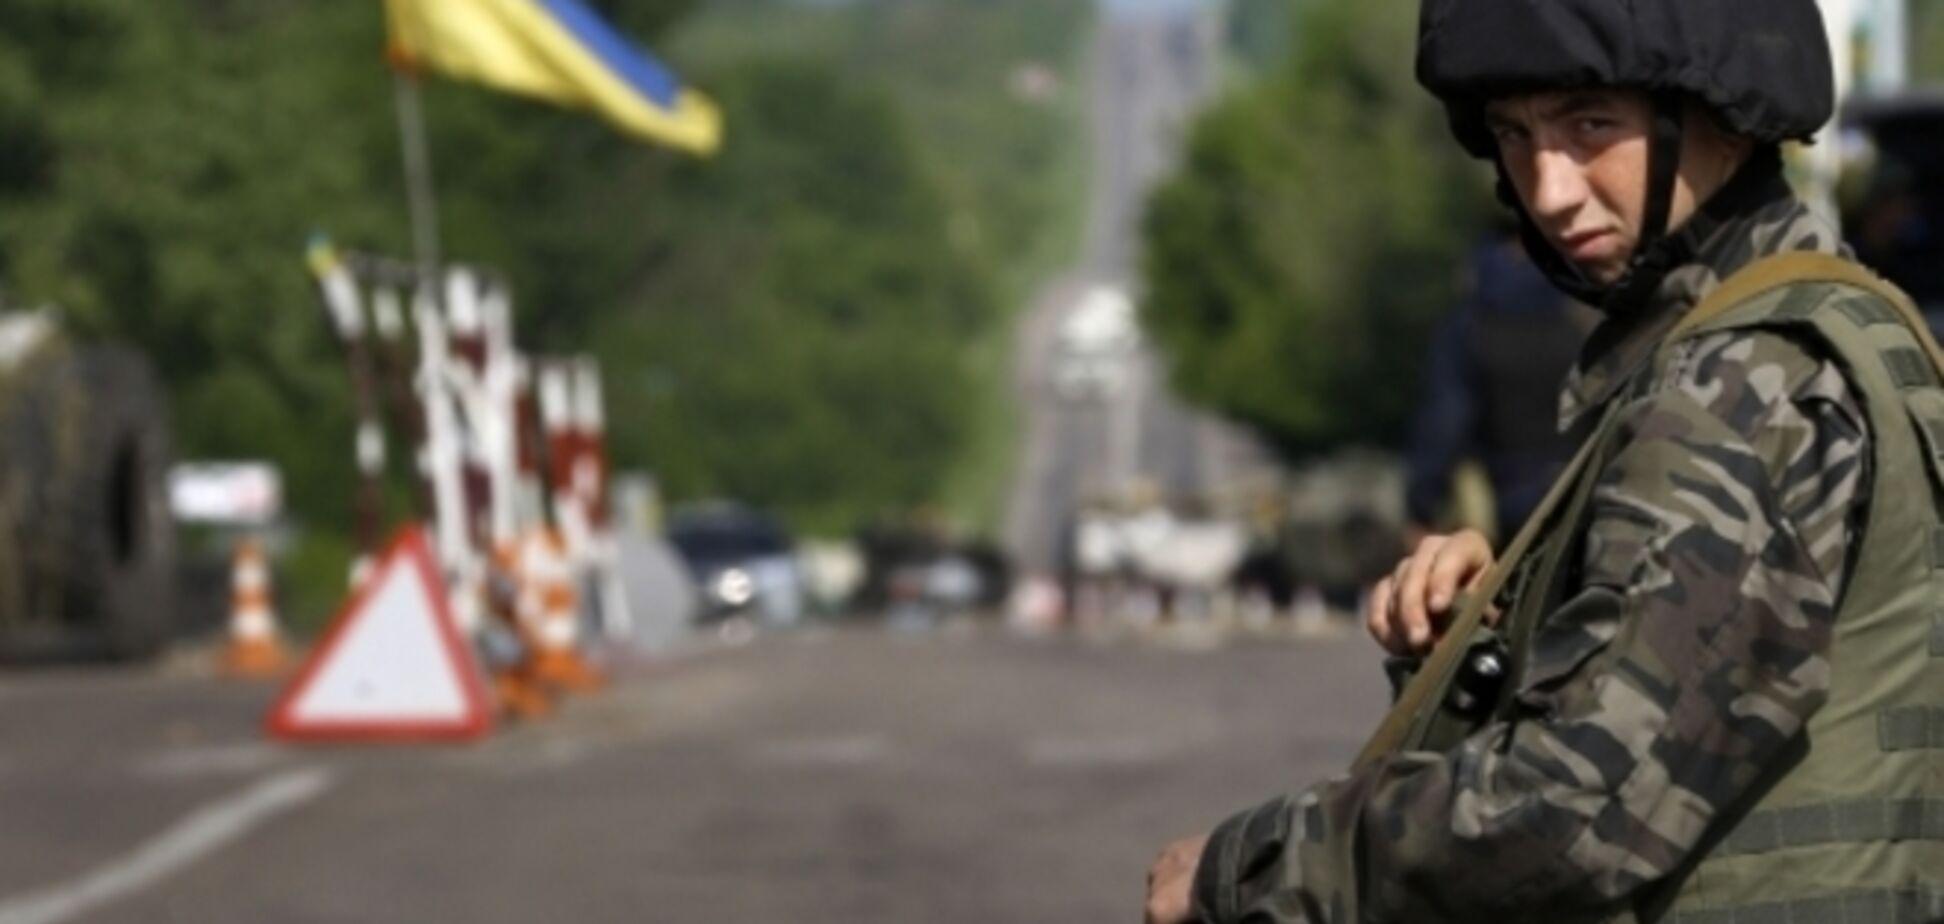 Наибольшее число погибших на Донбассе бойцов родом из Львовской, Днепропетровской и Киевской областей